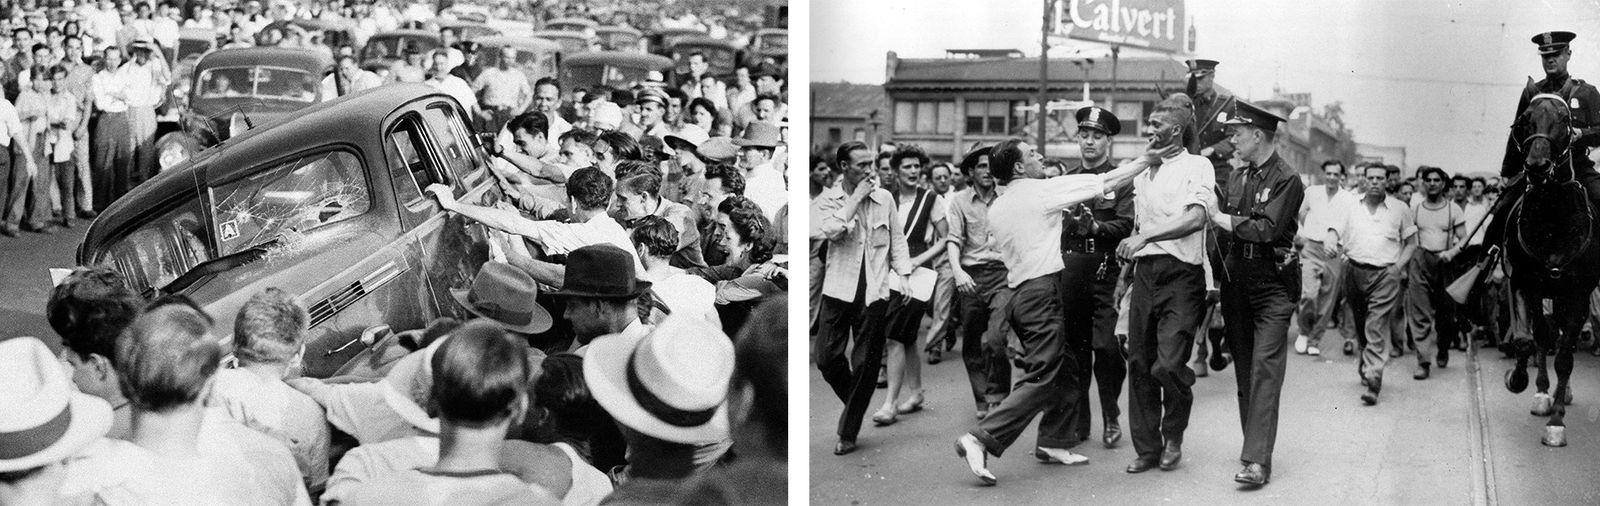 Esquerda: No dia 21 de junho de 1943, uma multidão de brancos revoltou-se e provocou distúrbios. ...